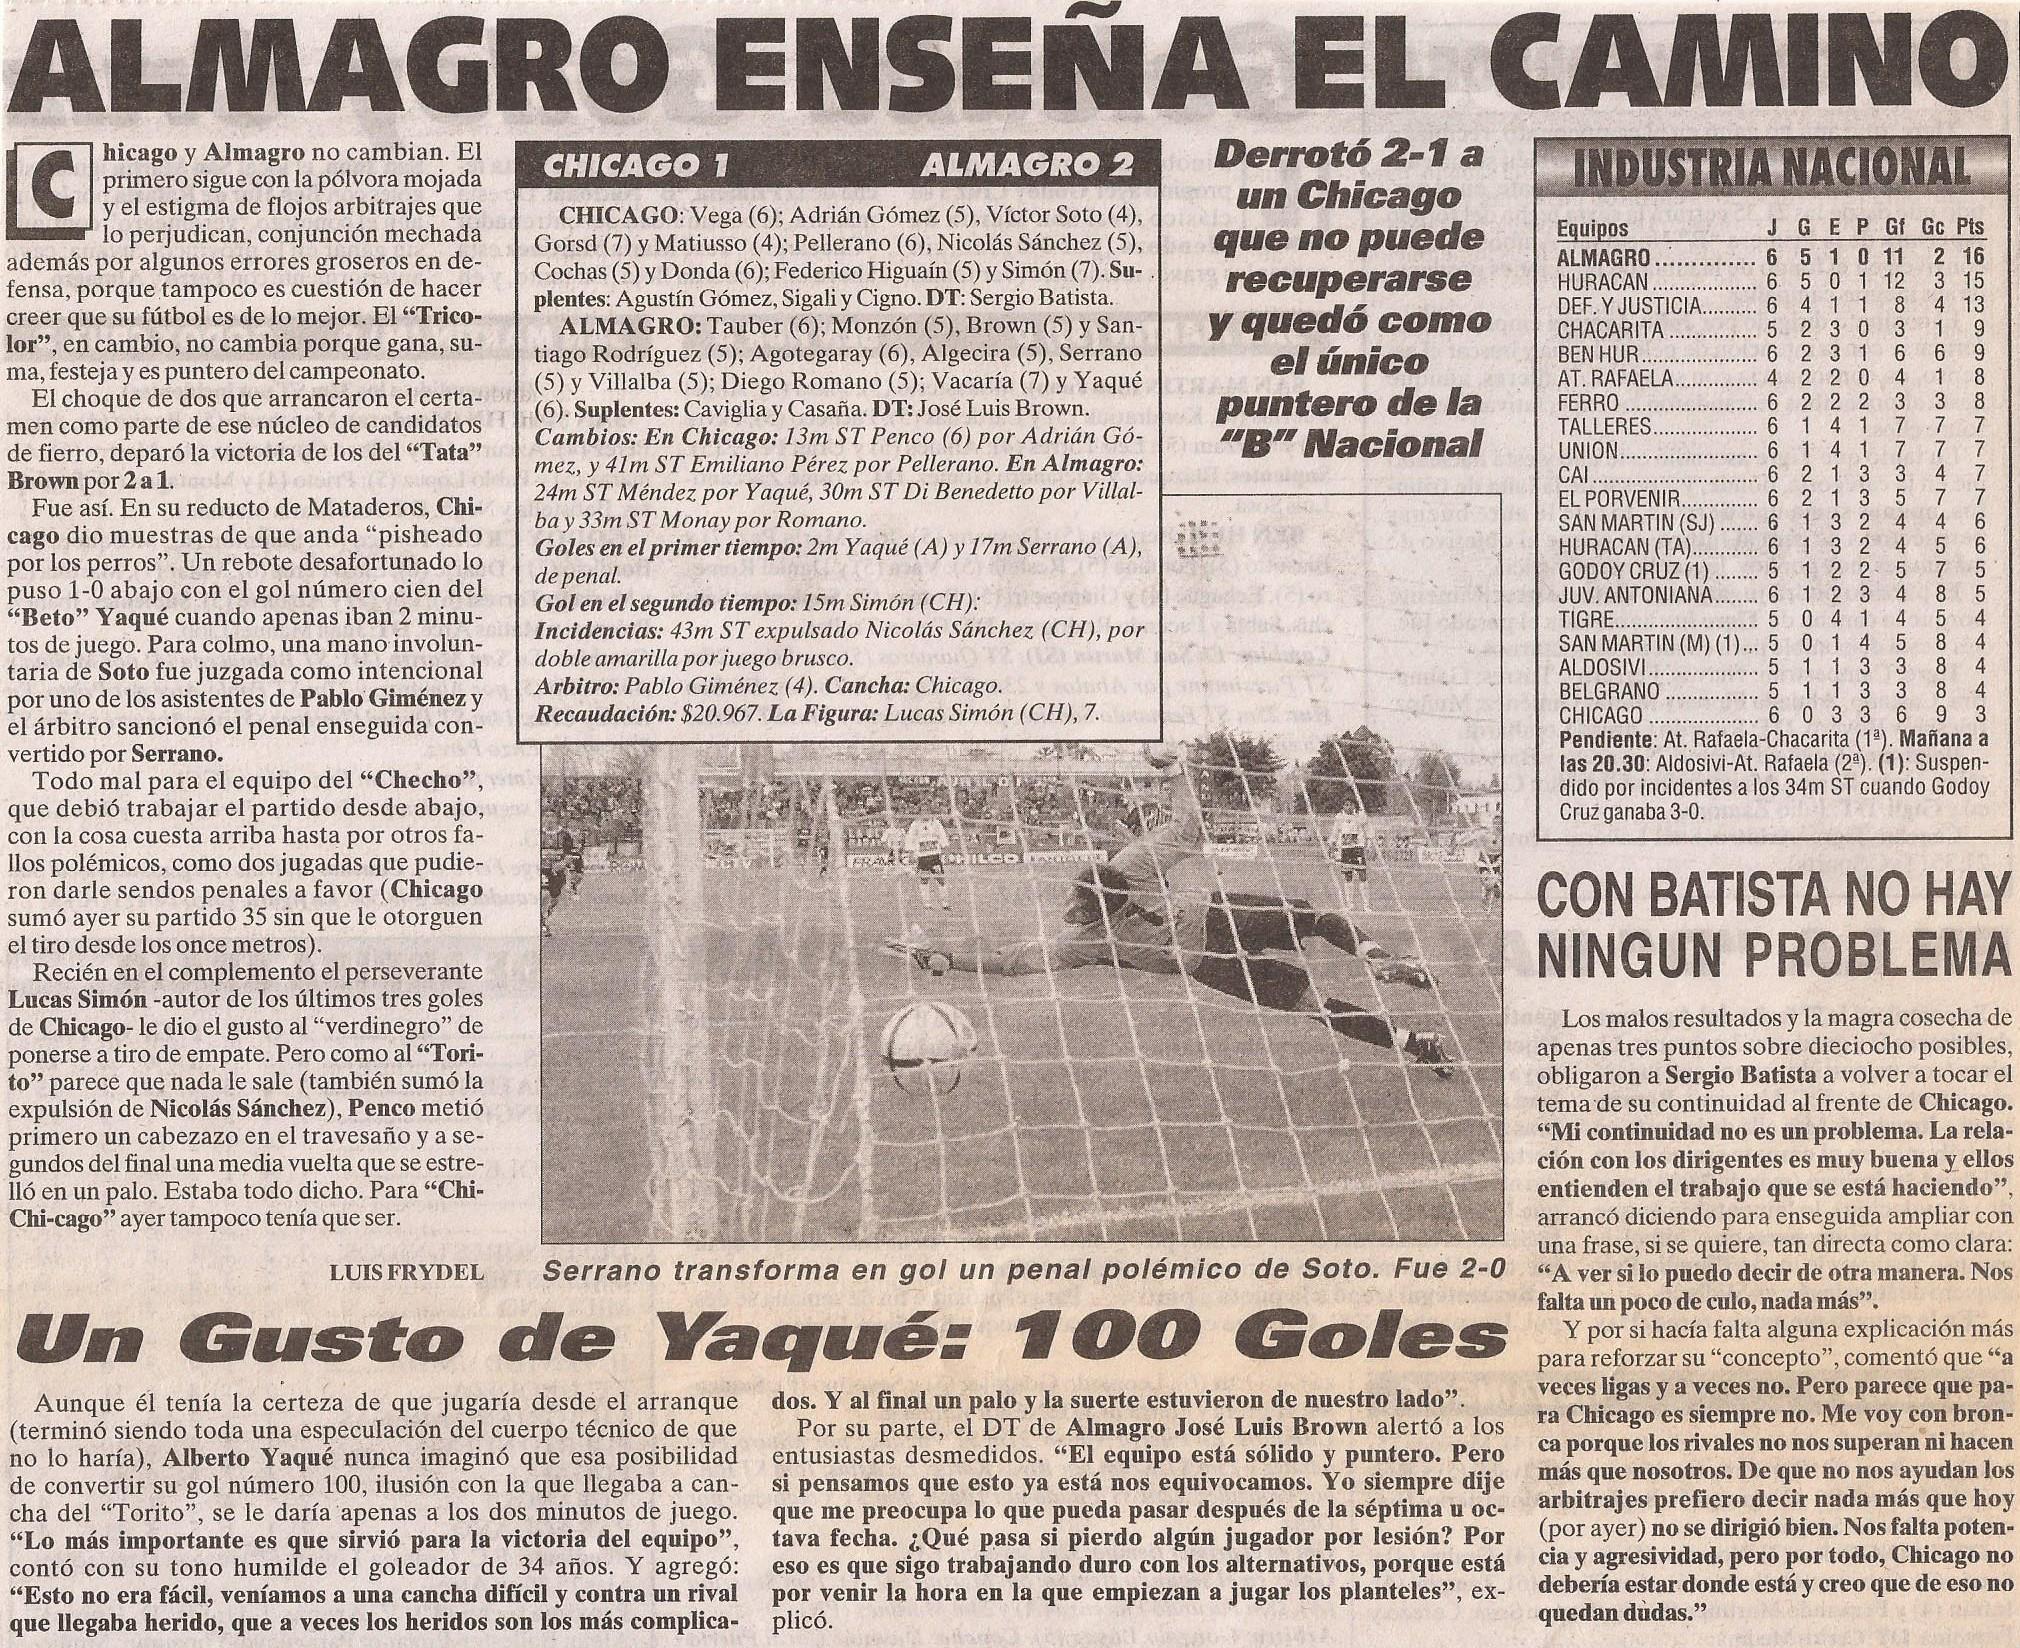 2005-06 Nacional B - Chicago vs Almagro - Diario Cronica